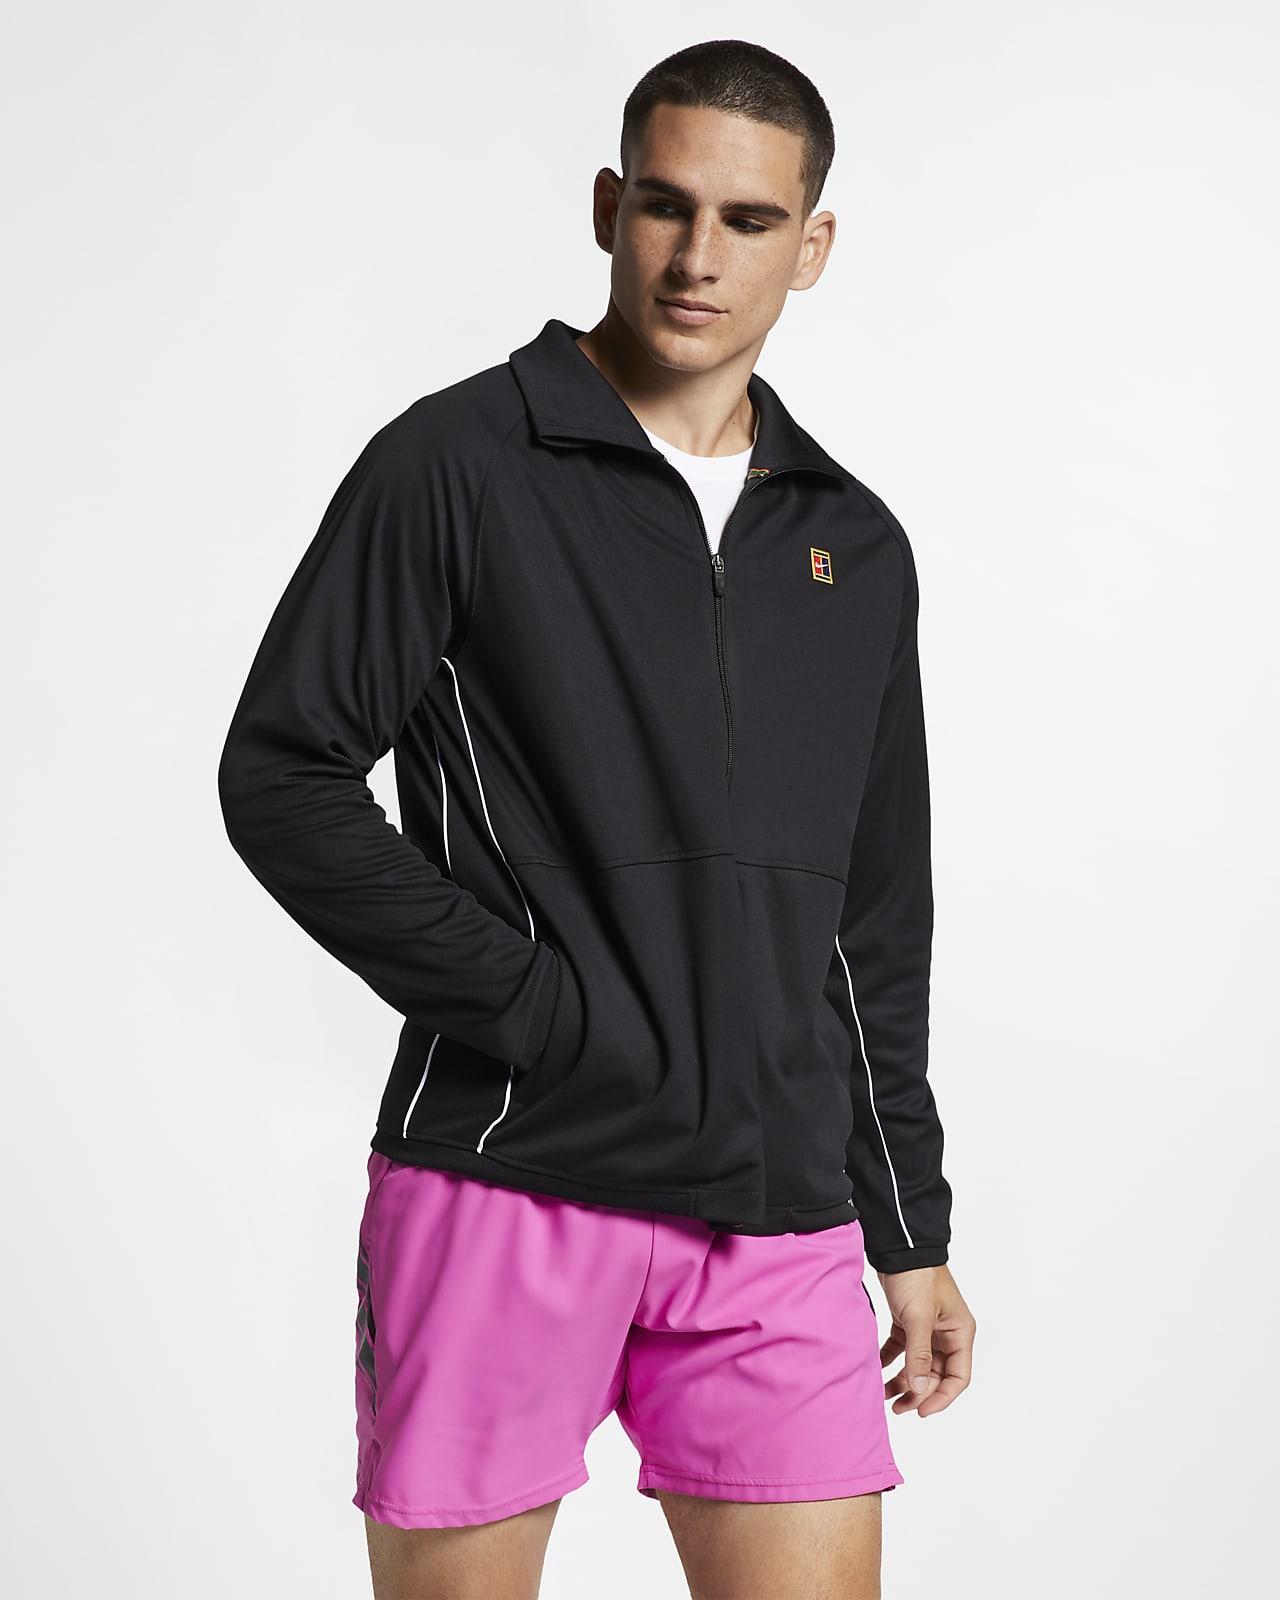 NikeCourt Herren-Tennisjacke